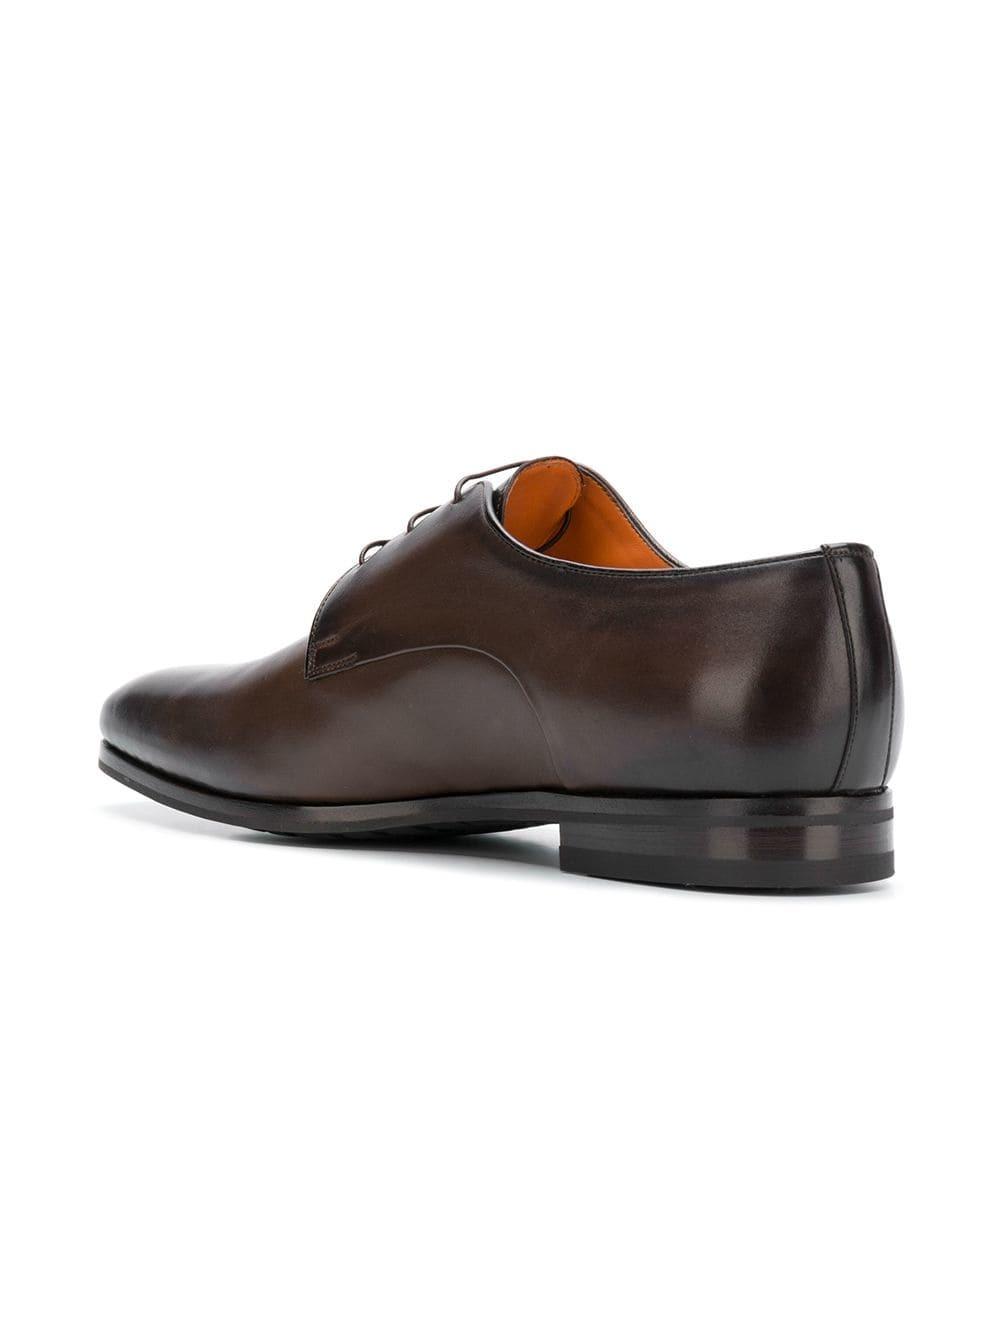 Chaussures derby en cuir marron foncé Santoni